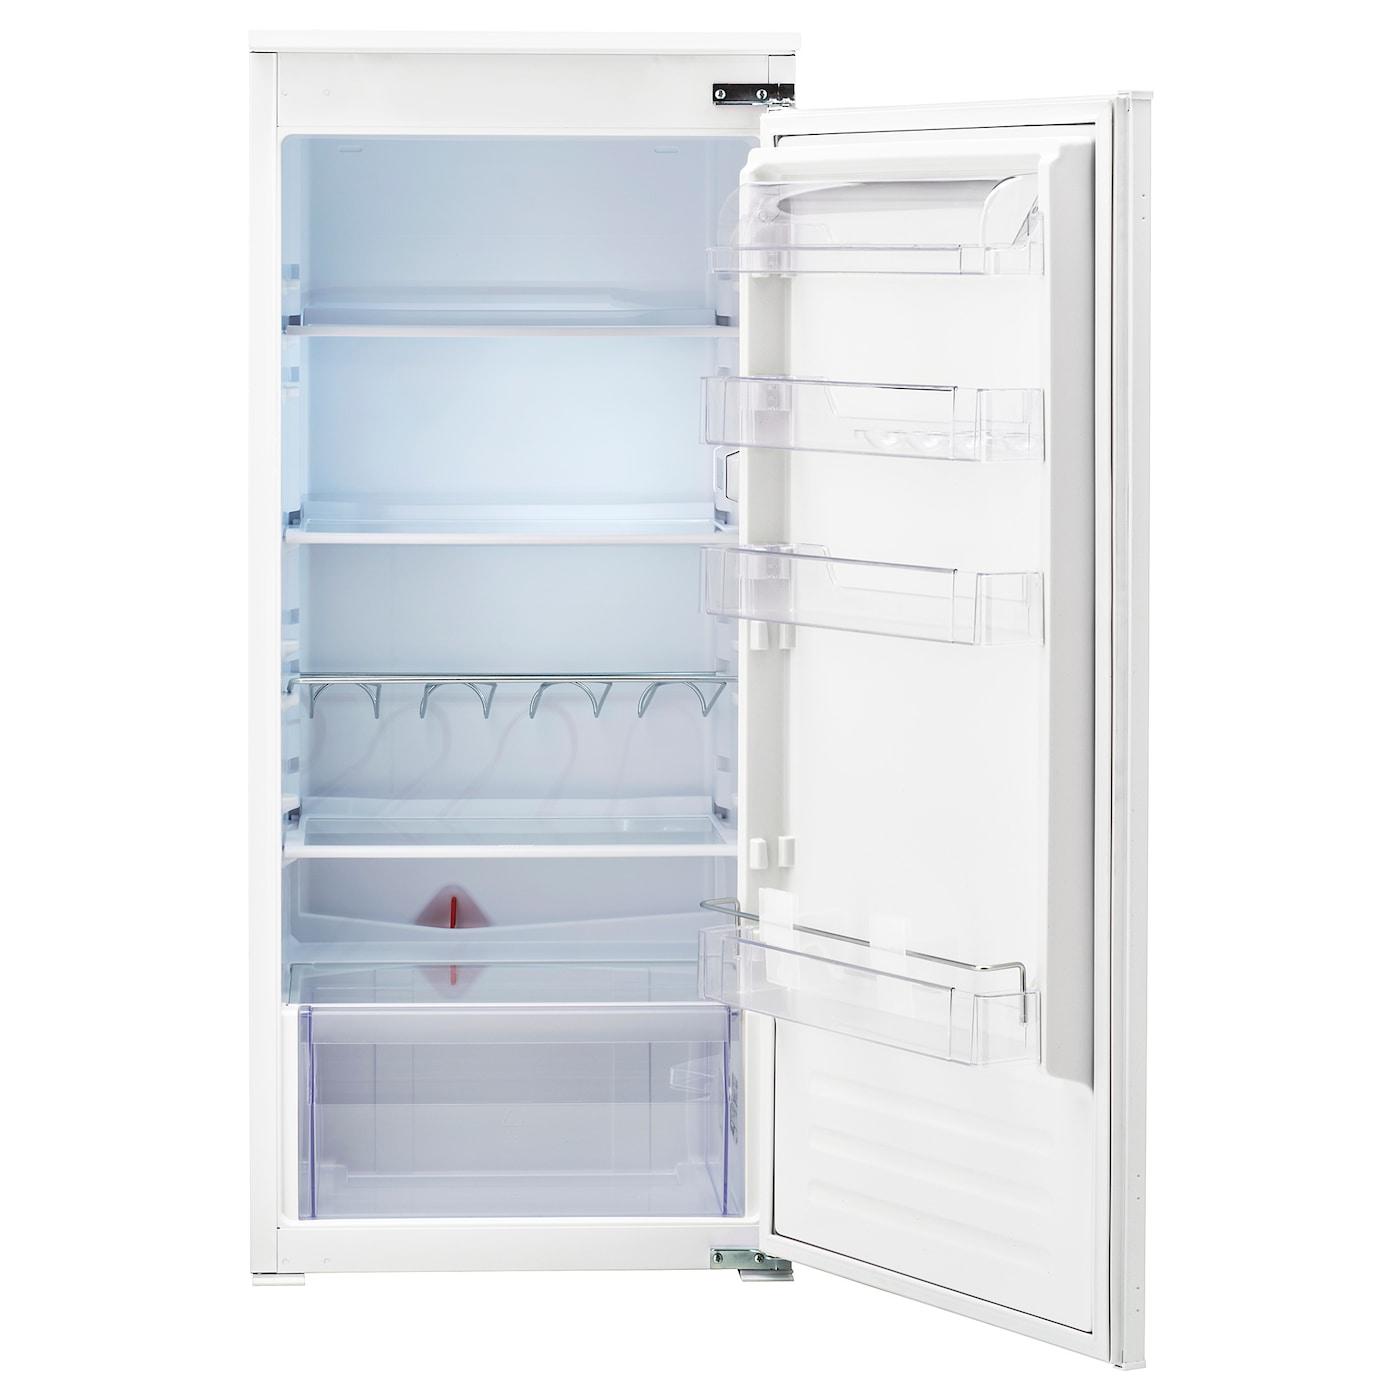 Dimension Frigo Encastrable Ikea avkyld réfrigérateur encastrable a+ - blanc 209 l